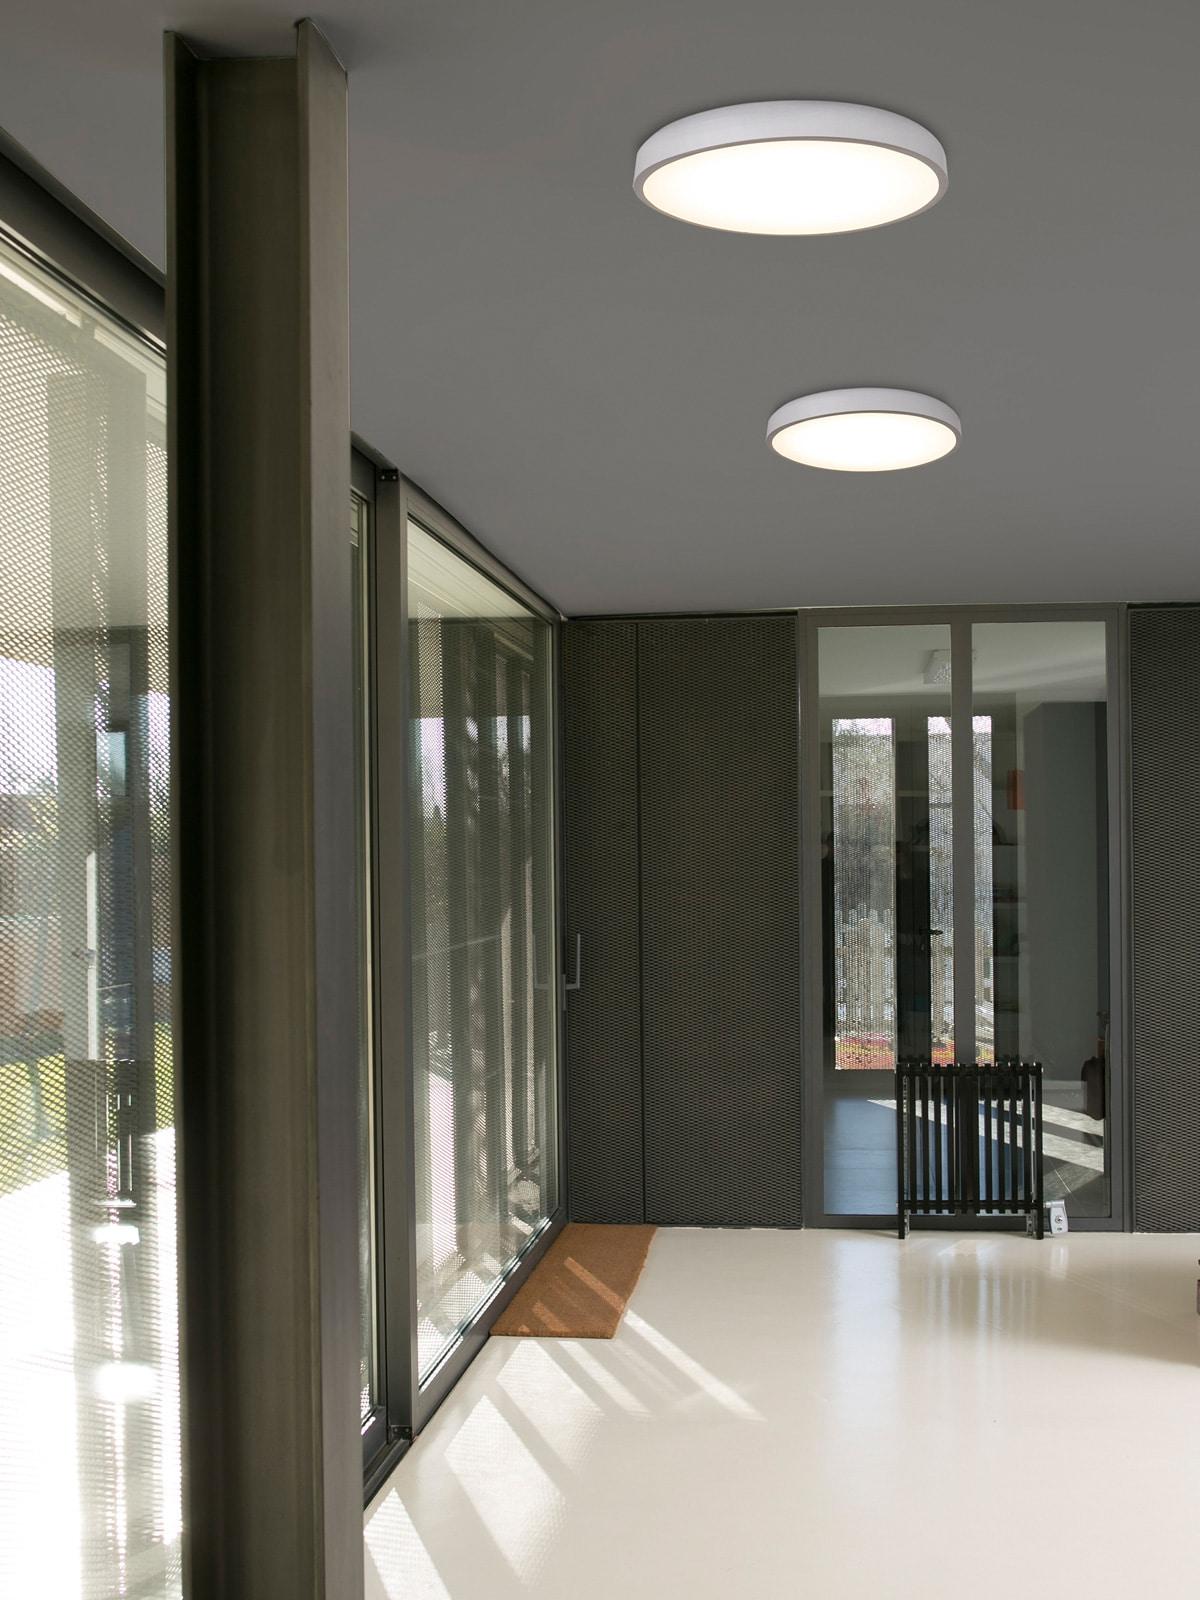 deckenbeleuchtung klassische und neue konzepte designort blog. Black Bedroom Furniture Sets. Home Design Ideas